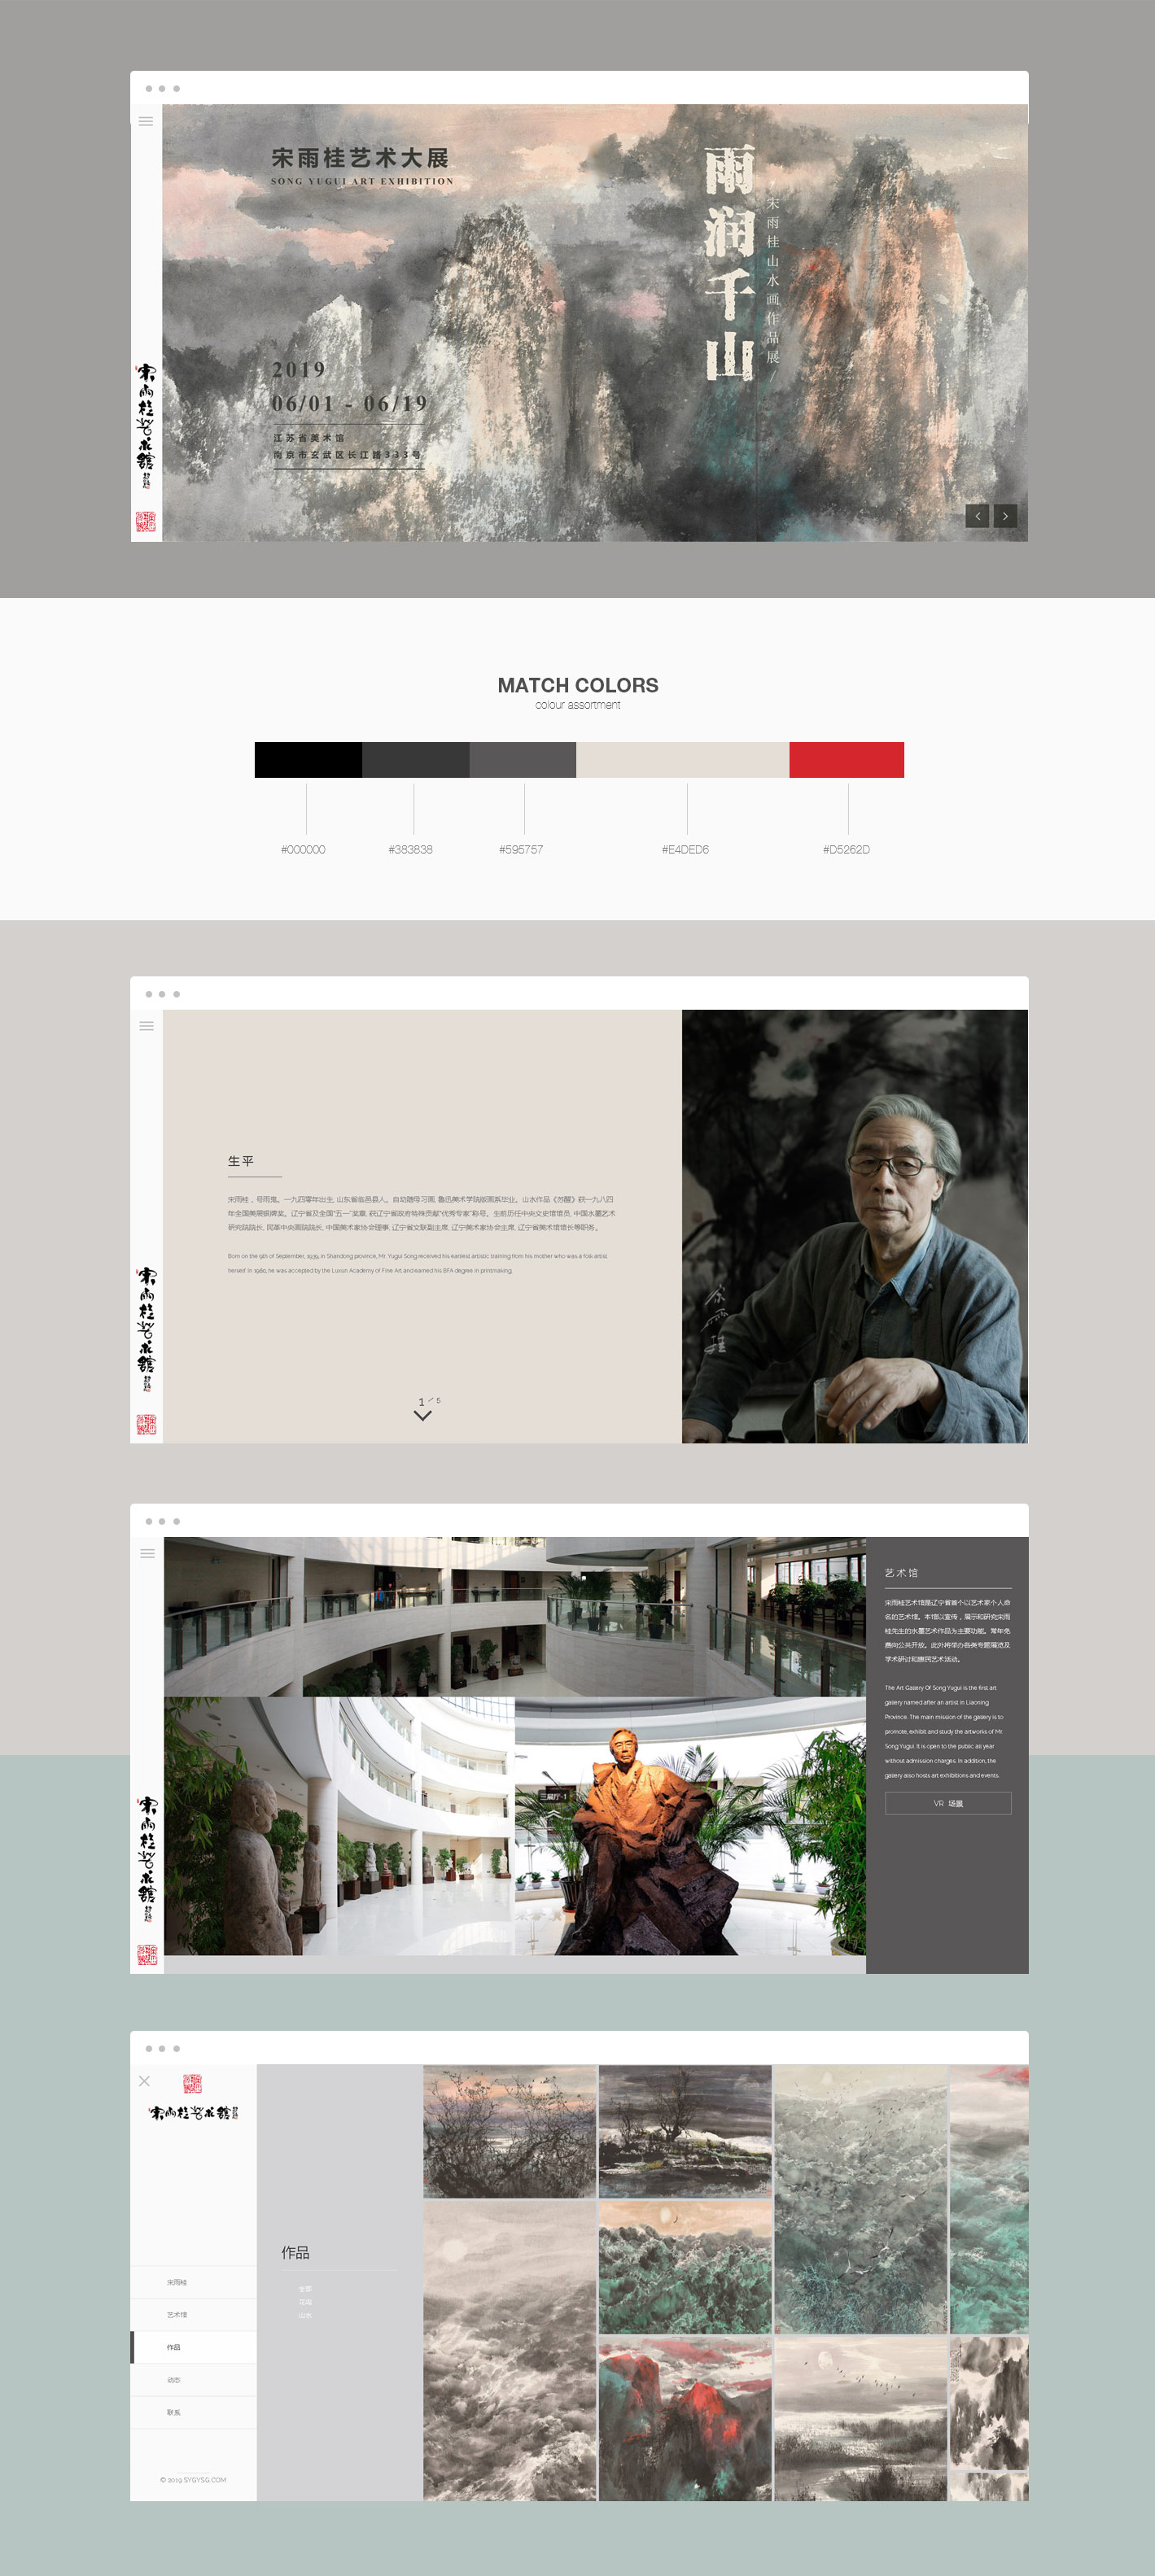 宋雨桂艺术馆